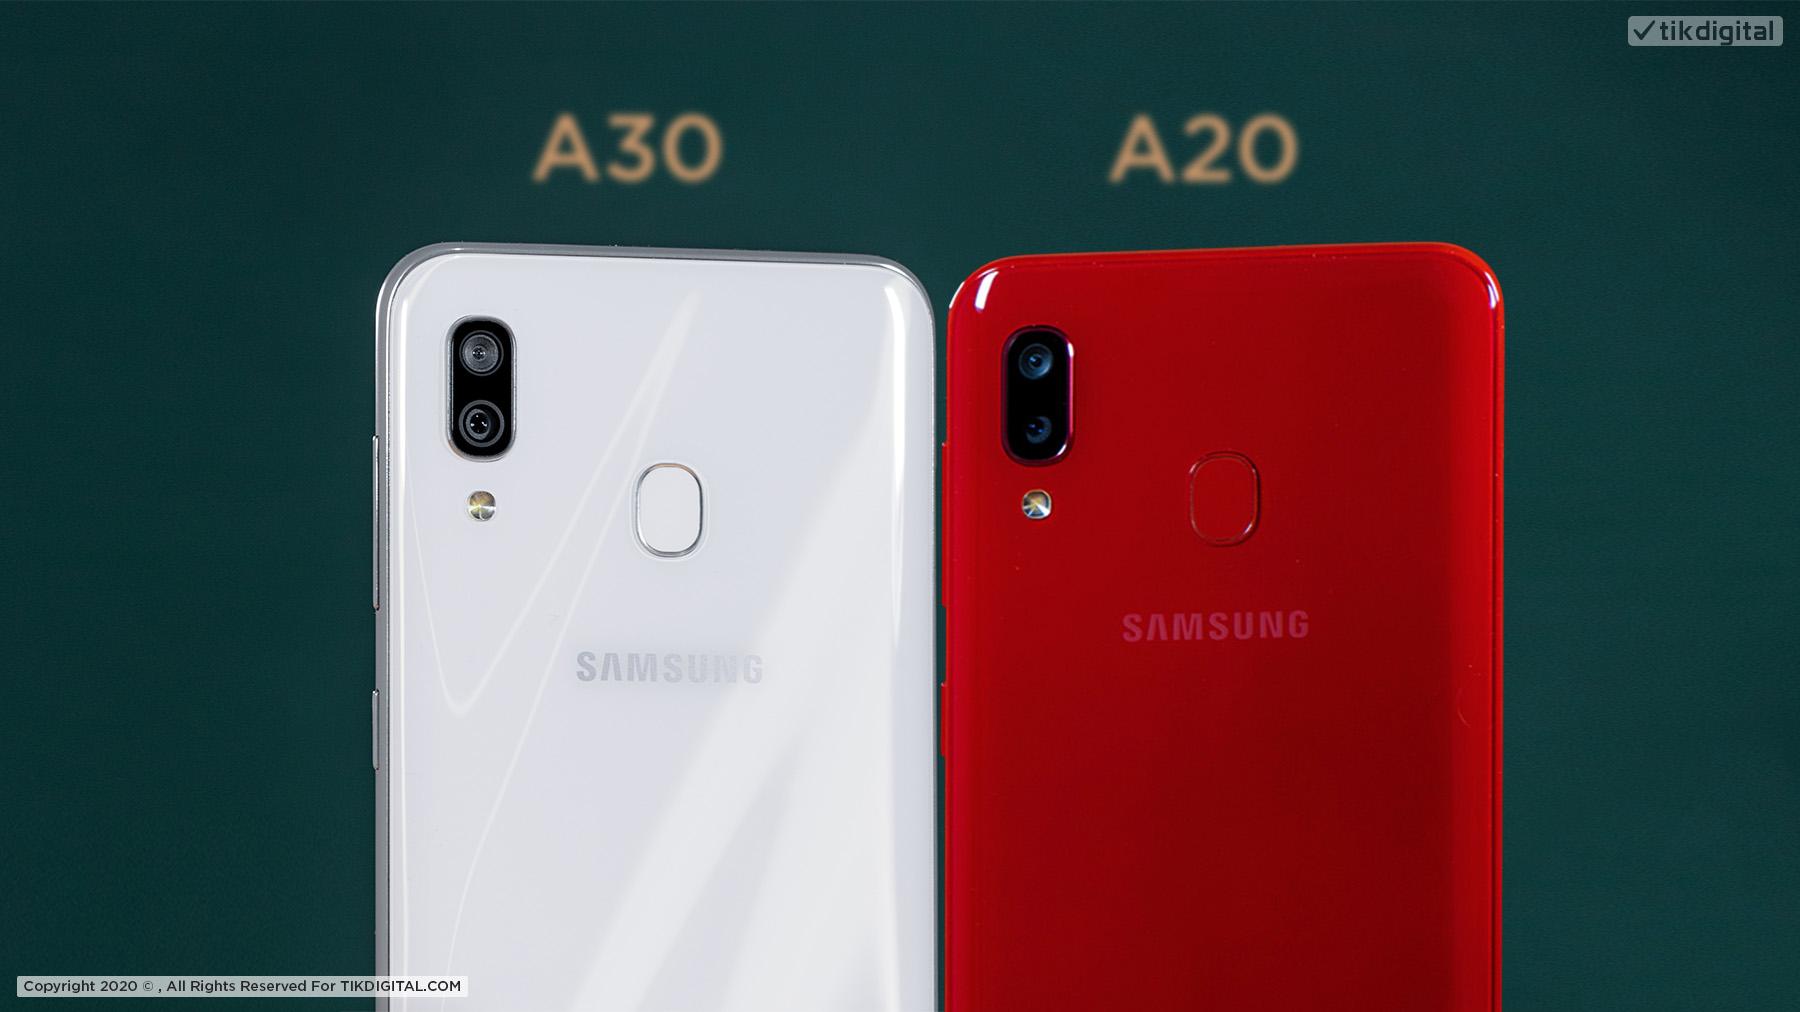 A30 و A20 مقایسه